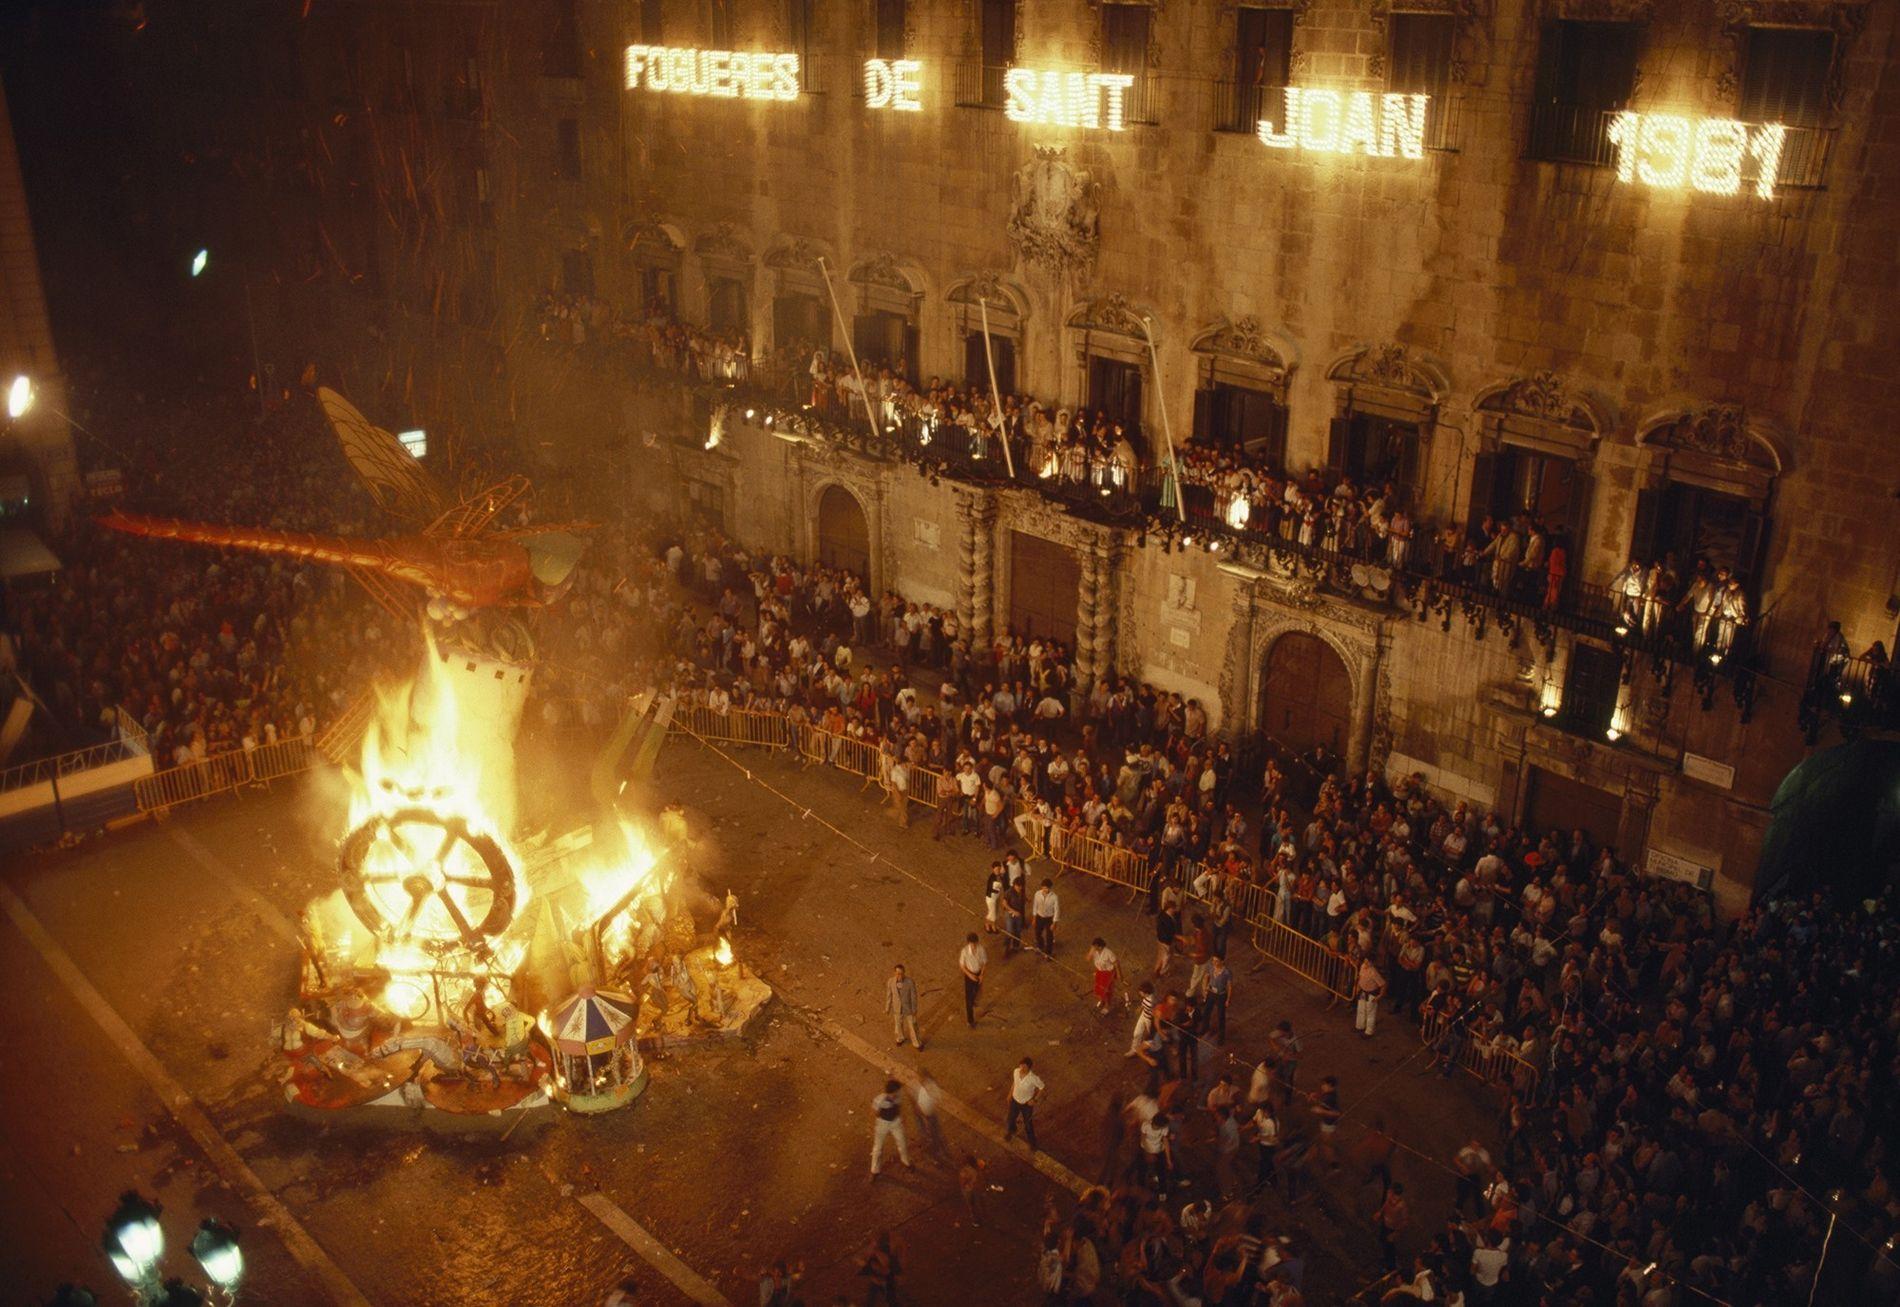 Uno de los monumentos de la celebración de las hogueras de San Juan arde frente al ayuntamiento.